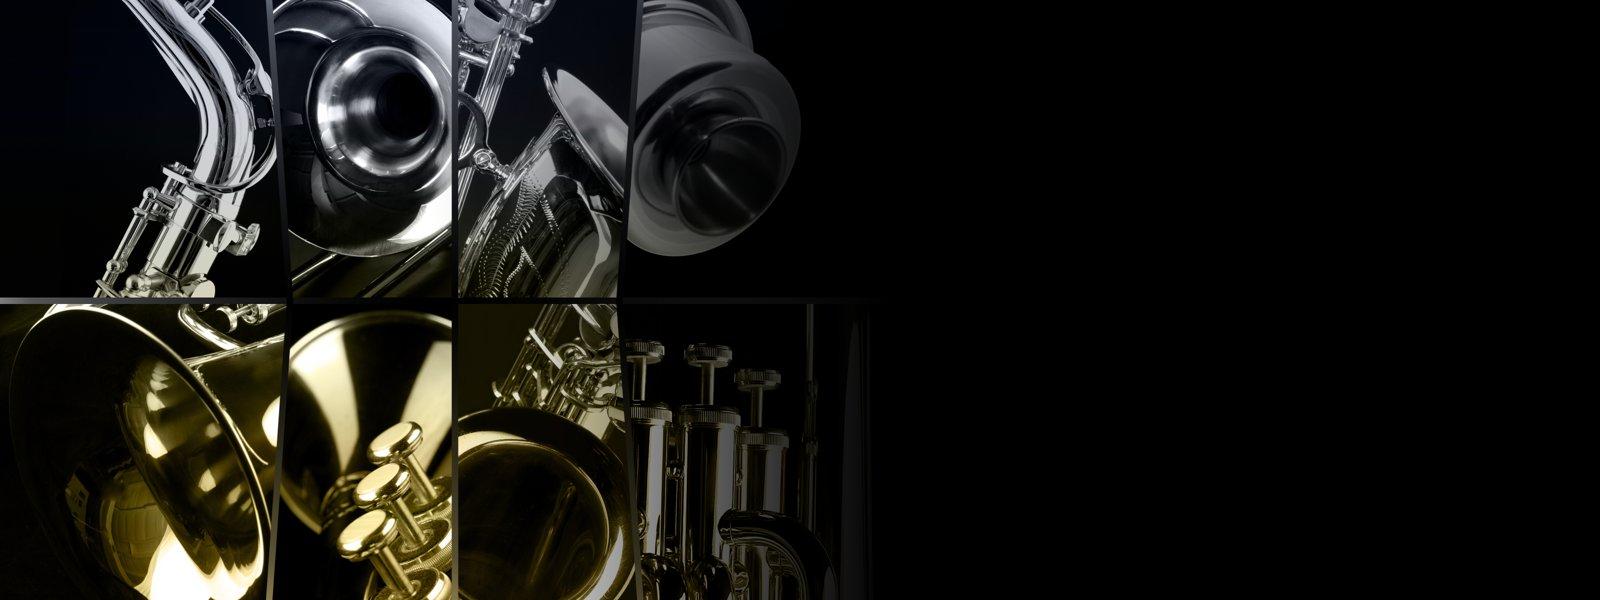 kontakt session horns